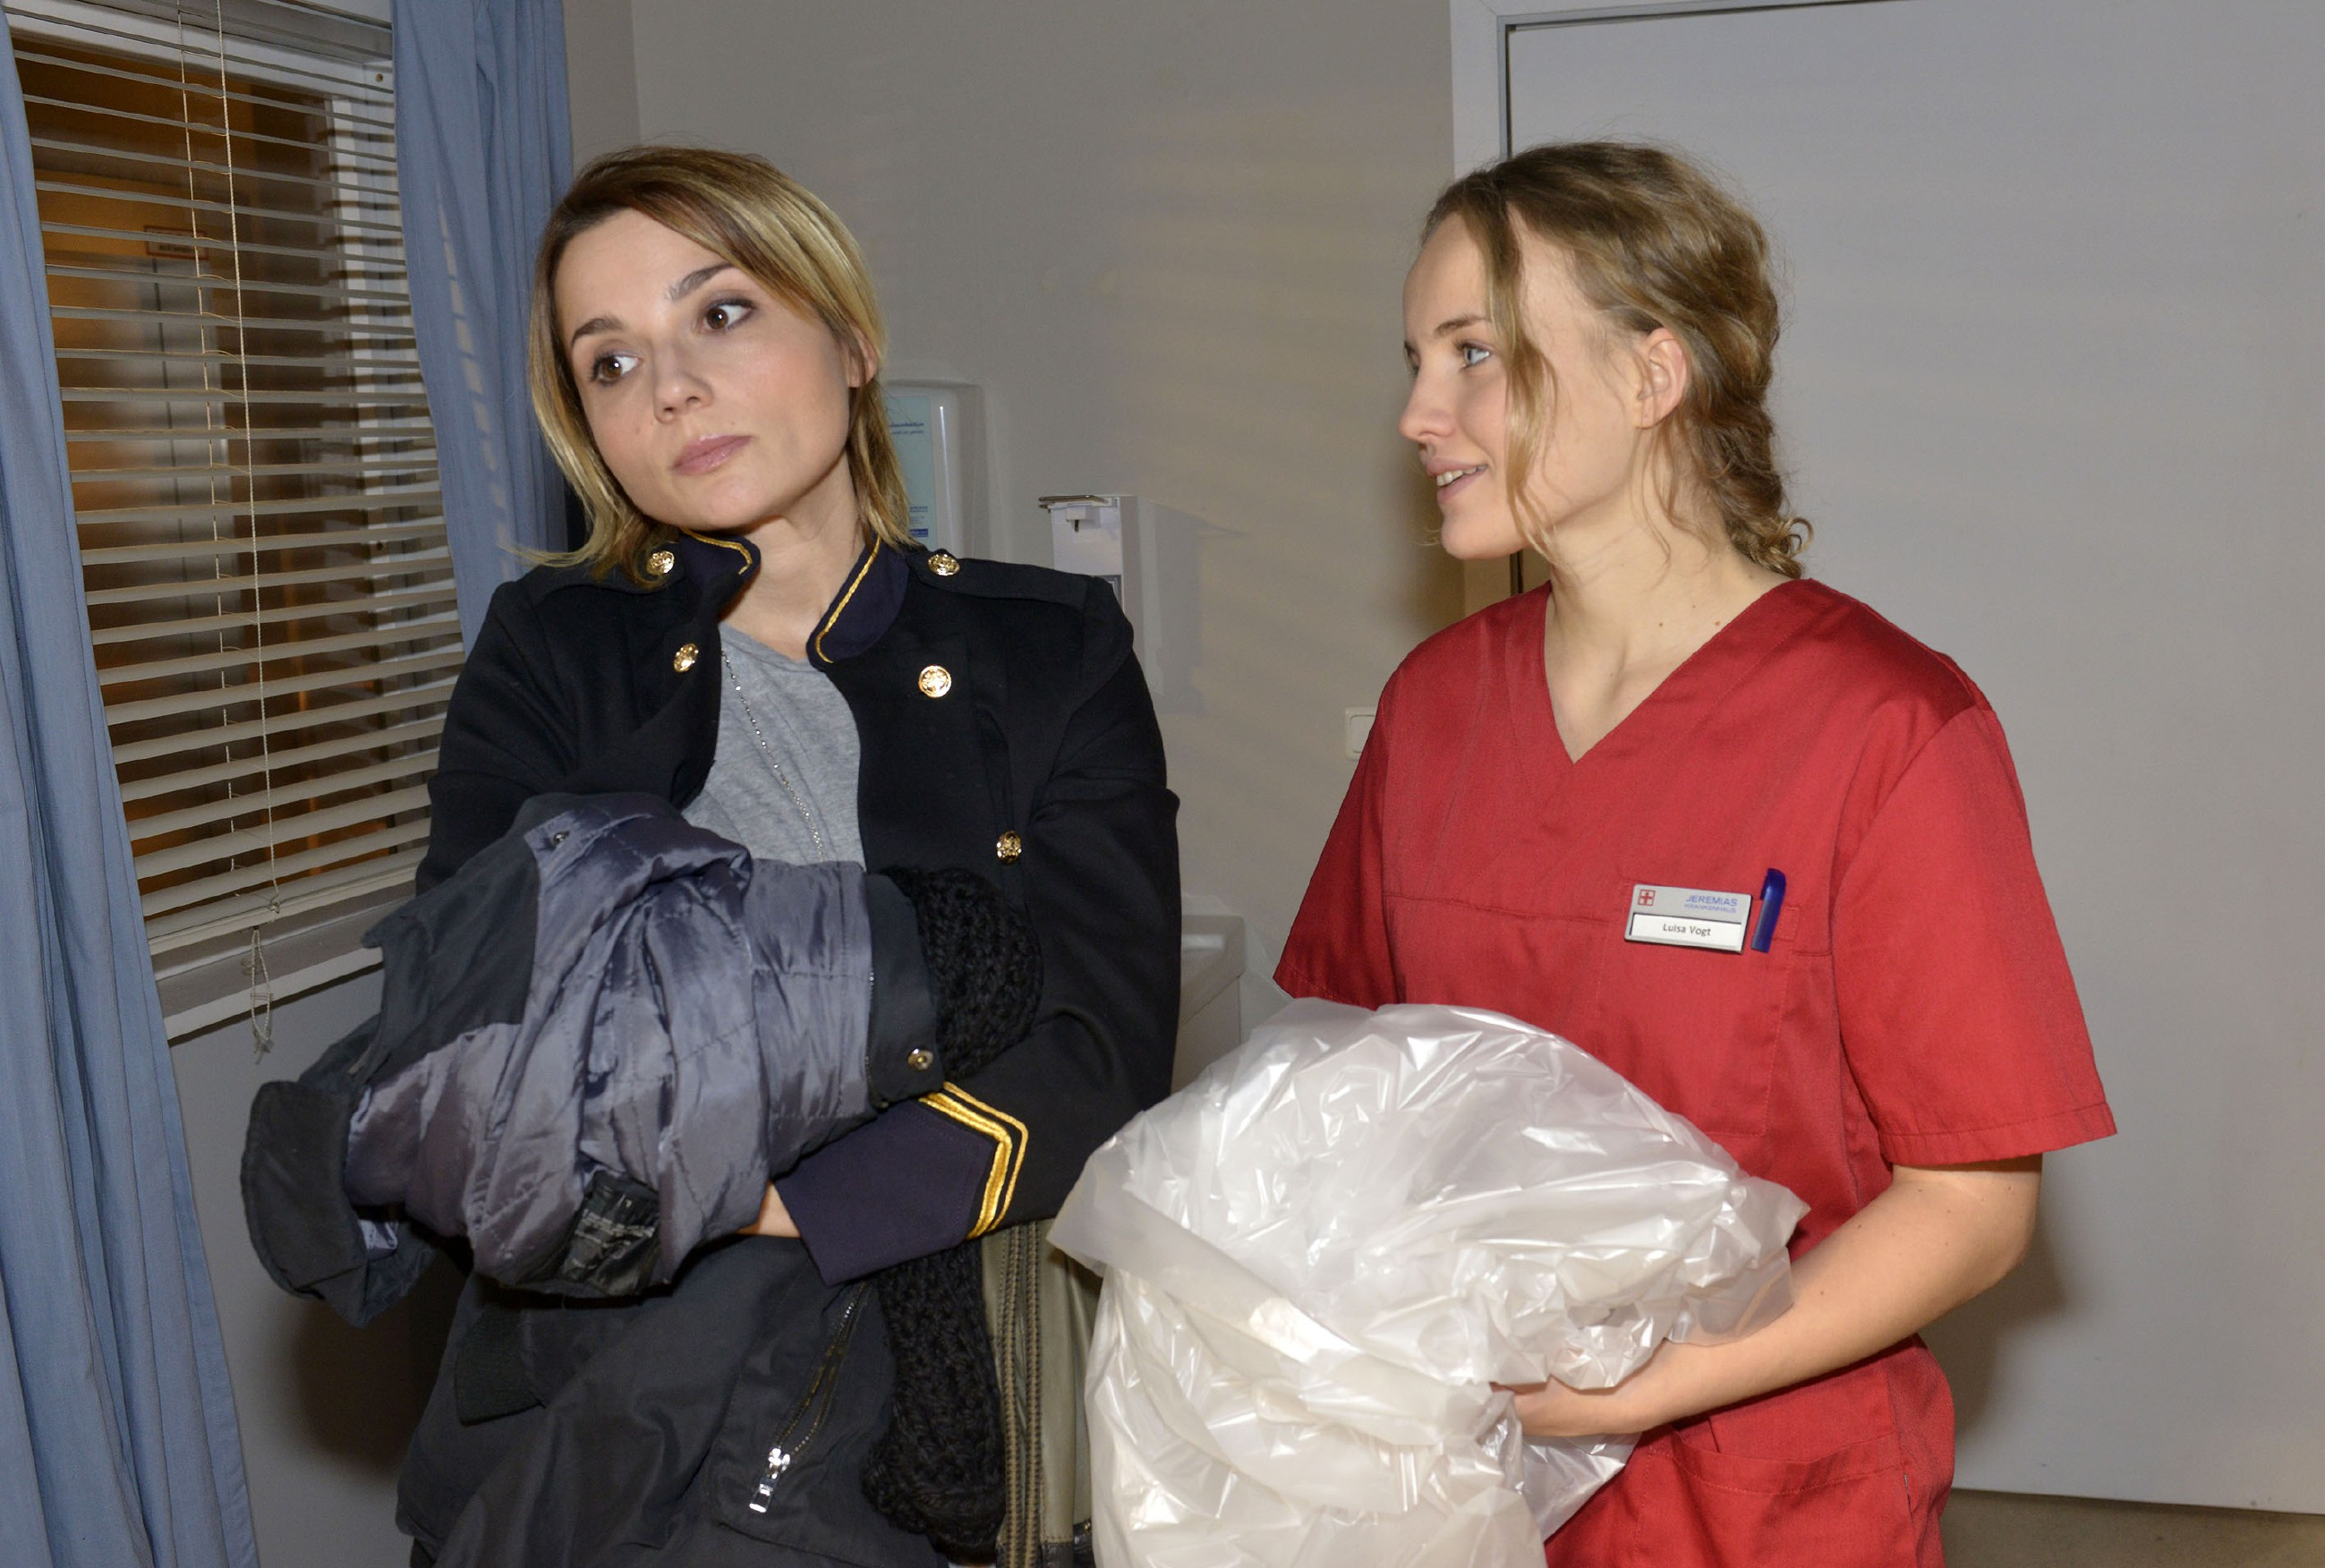 Anni (Linda Marlen Runge, l.) macht Jule (Luise von Finckh) klar, dass sie für deren Verhalten in Bezug auf Tuner kein Verständnis hat. (RTL / Rolf Baumgartner)